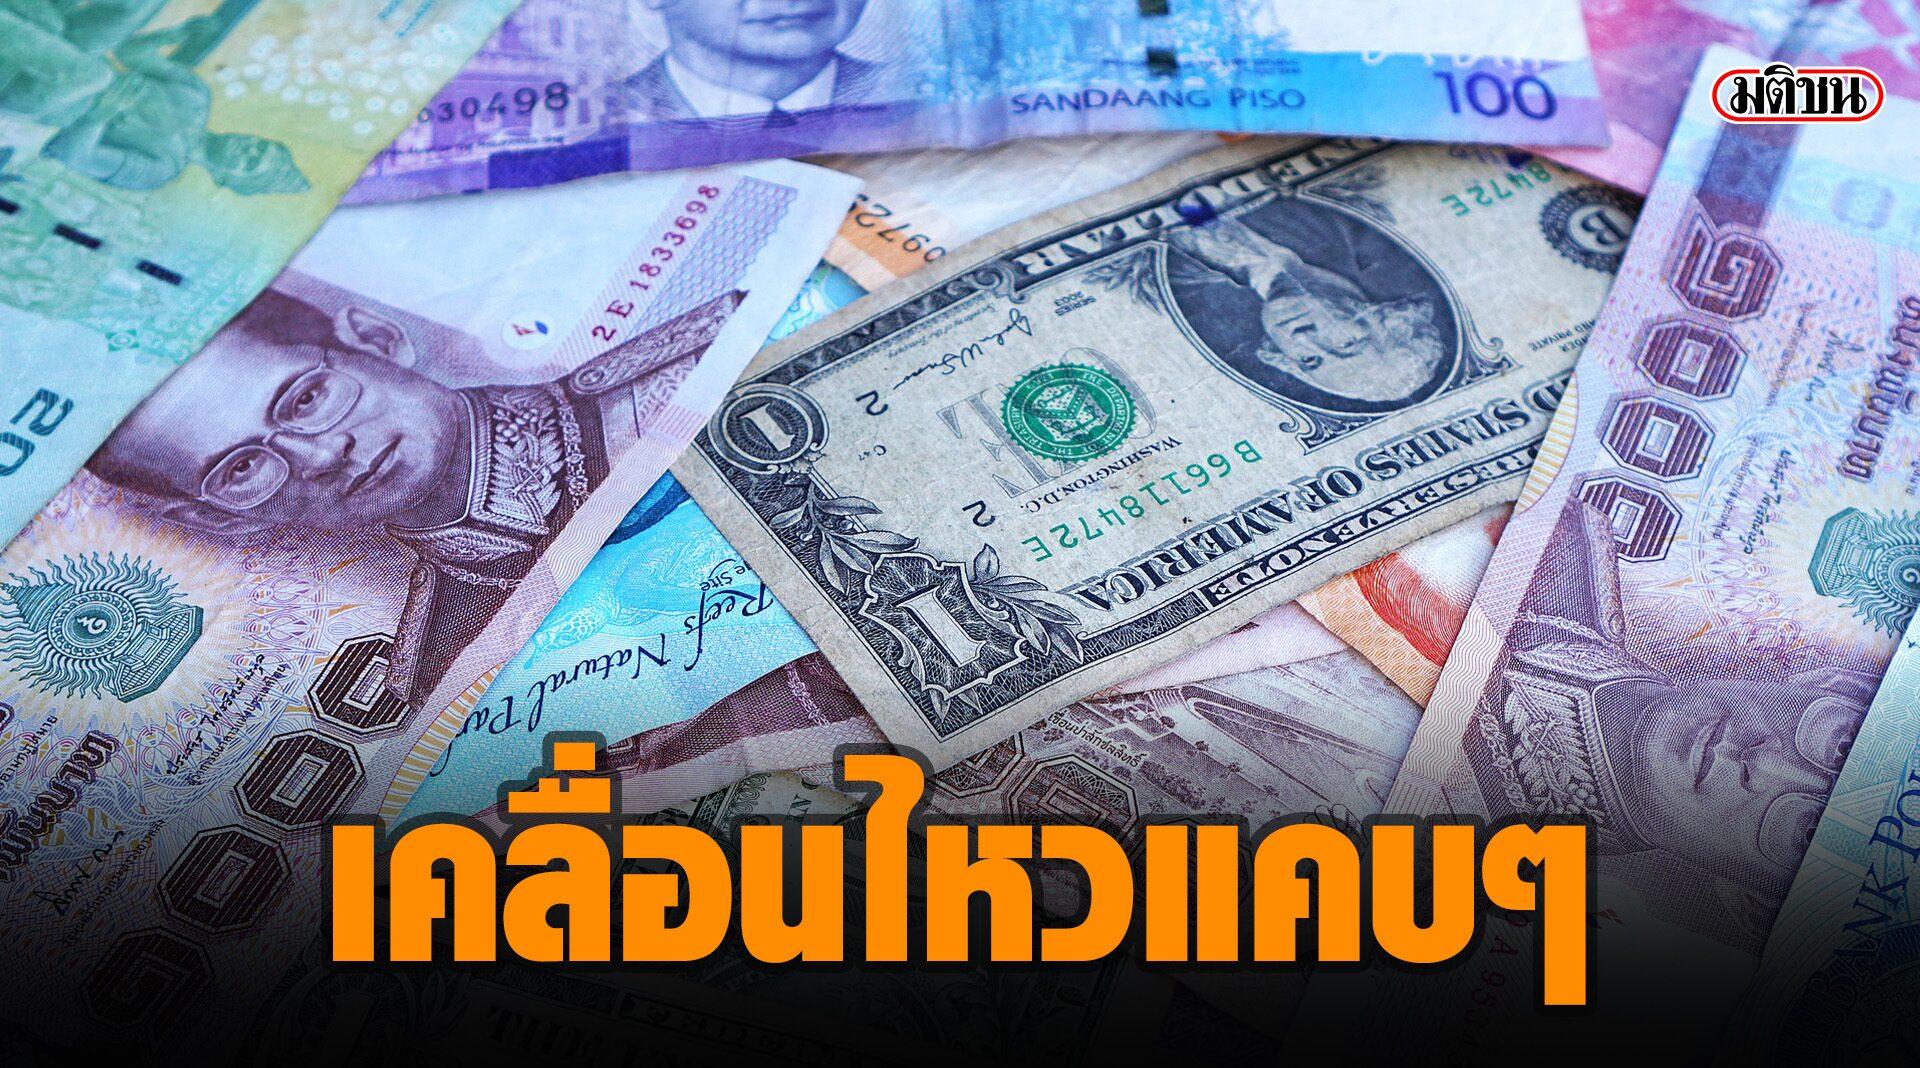 ตลาดเงินไม่หวือหวา เคลื่อนไหวแคบๆ ถึงสิ้นปี วันนี้กรอบ 29.95-30.15 บาทต่อดอลลาร์